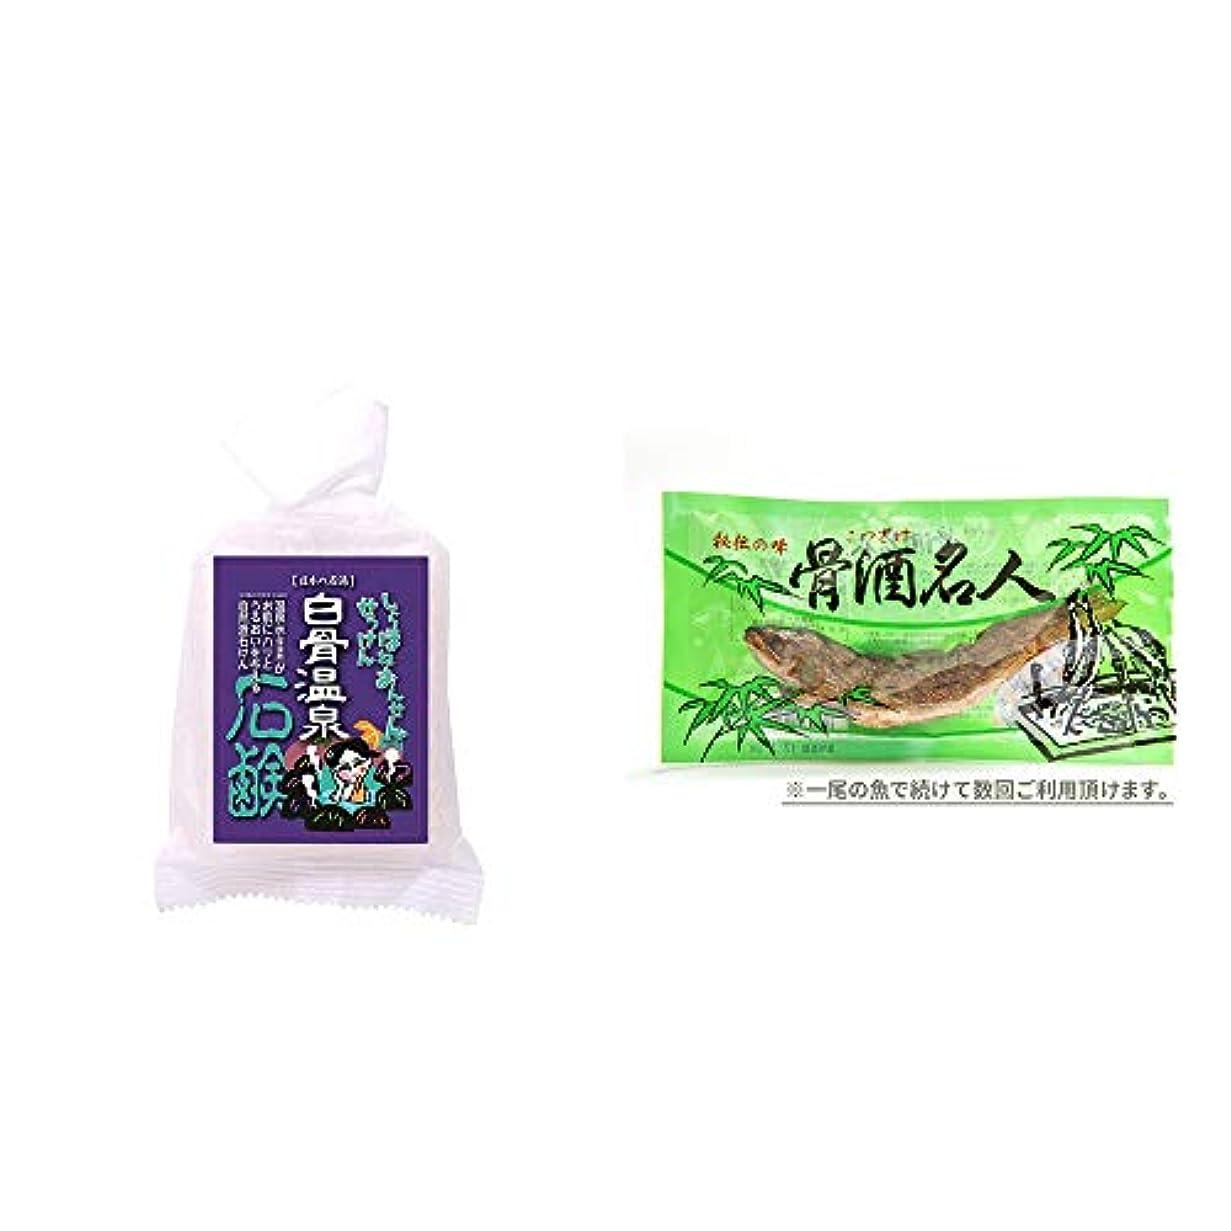 社説罪人熱意[2点セット] 信州 白骨温泉石鹸(80g)?骨酒名人(一尾)